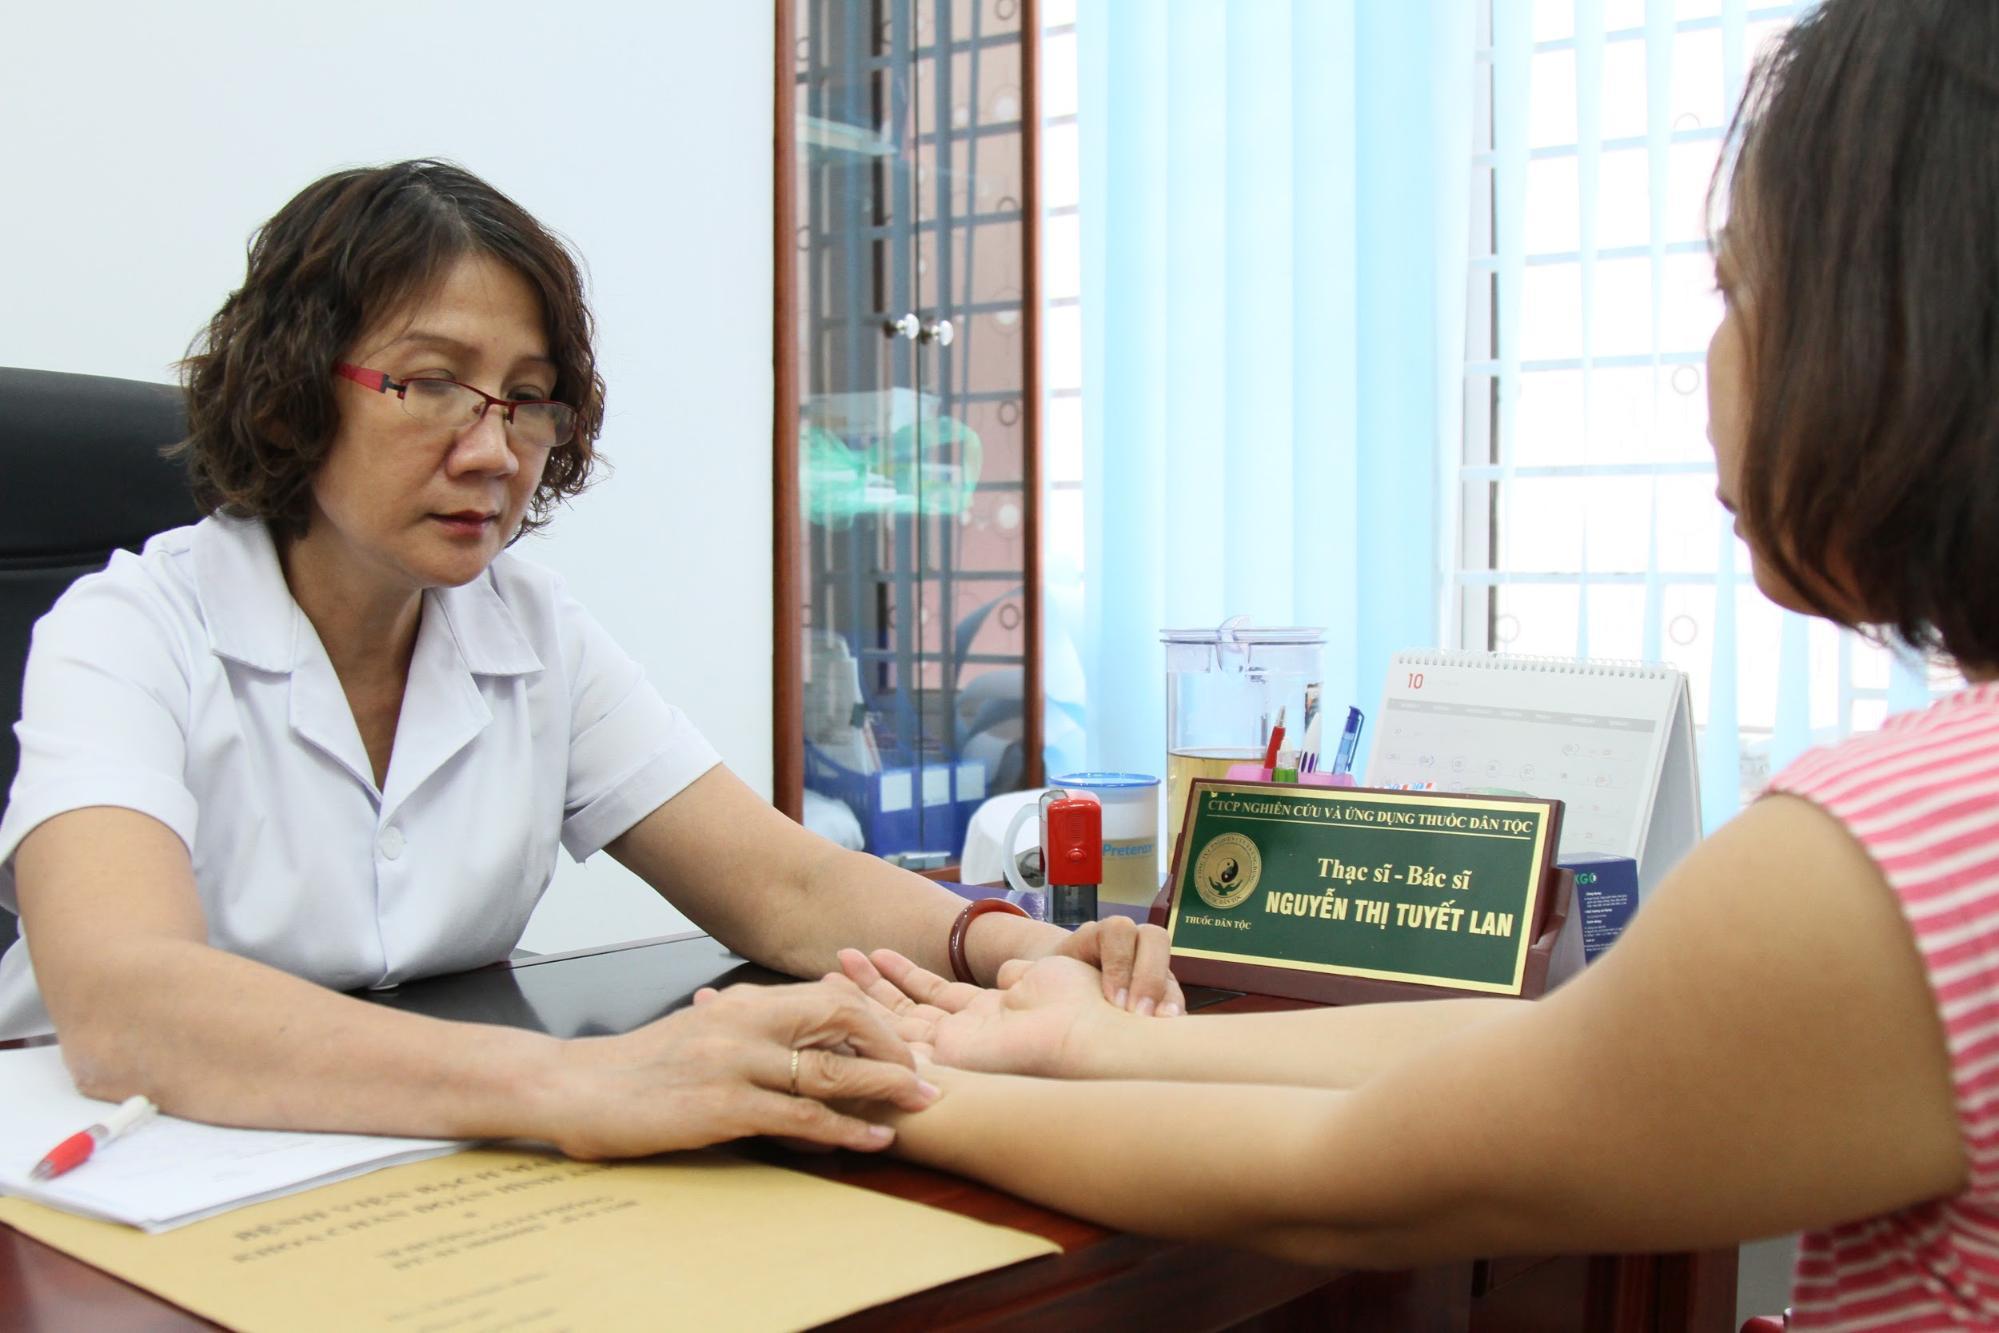 Bác sĩ Nguyễn Thị Tuyết Lan khám cho bệnh nhân